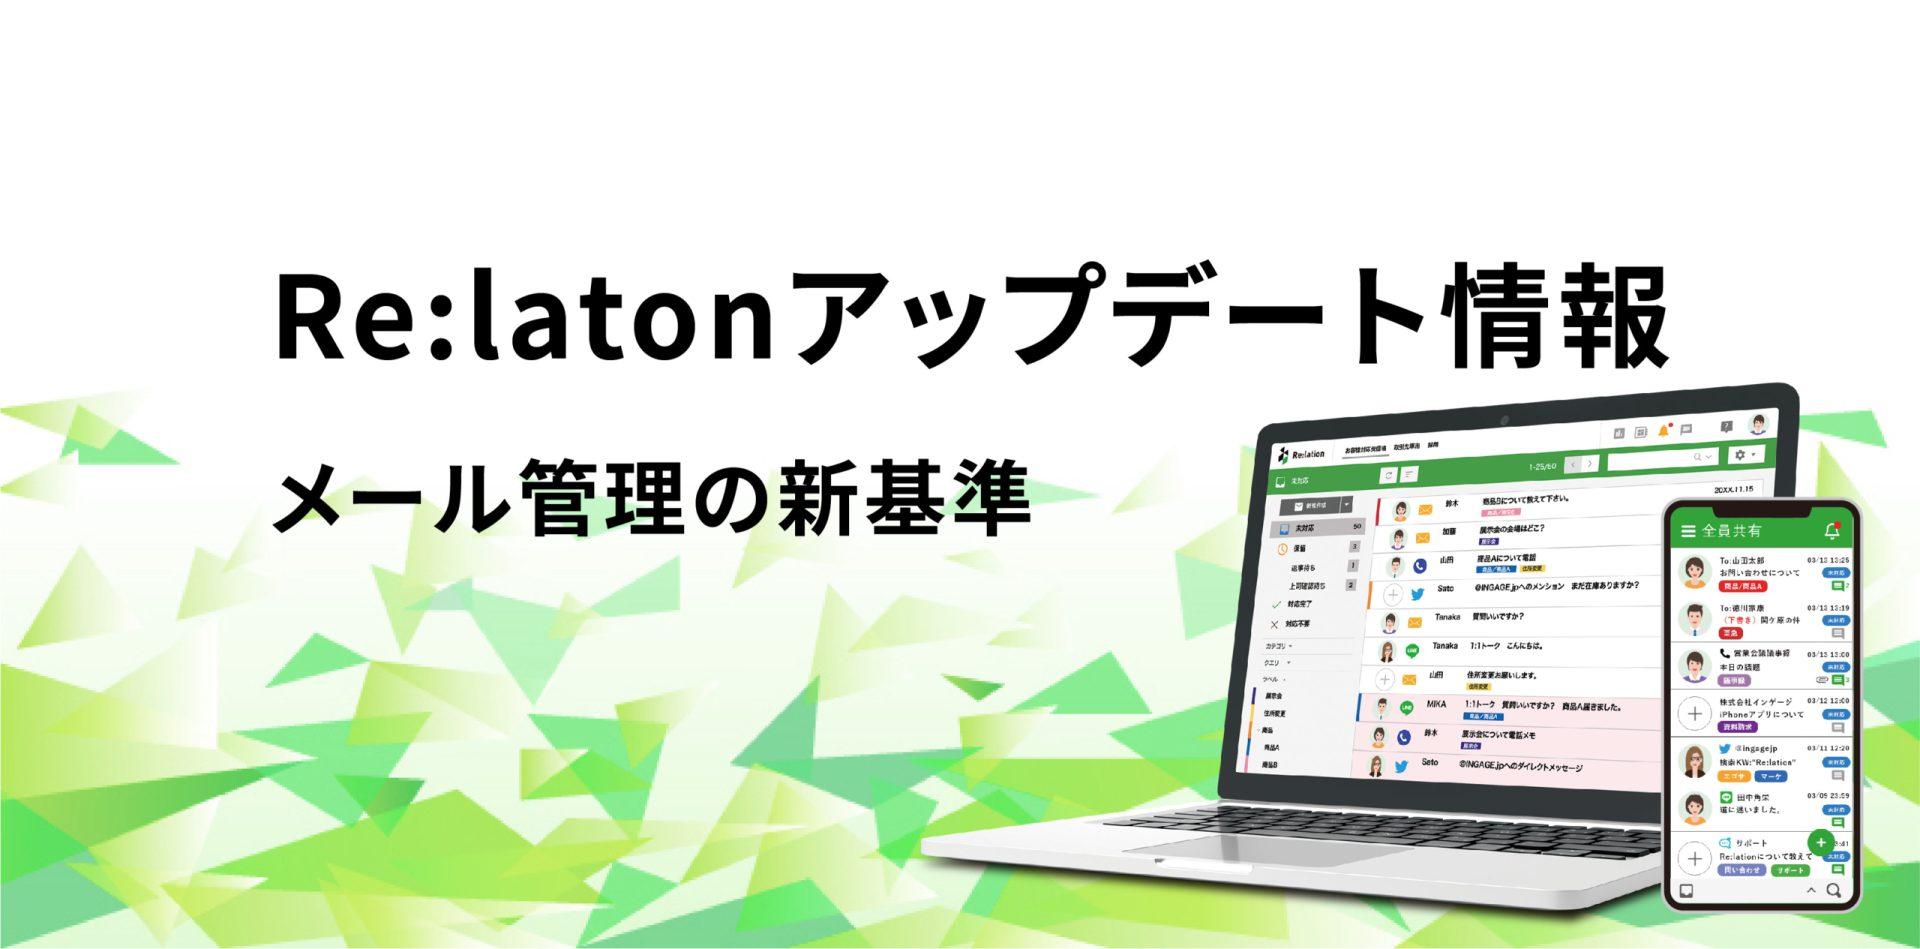 テレワーク時代のメール管理「Re:lation(リレーション)」06.18アップデート